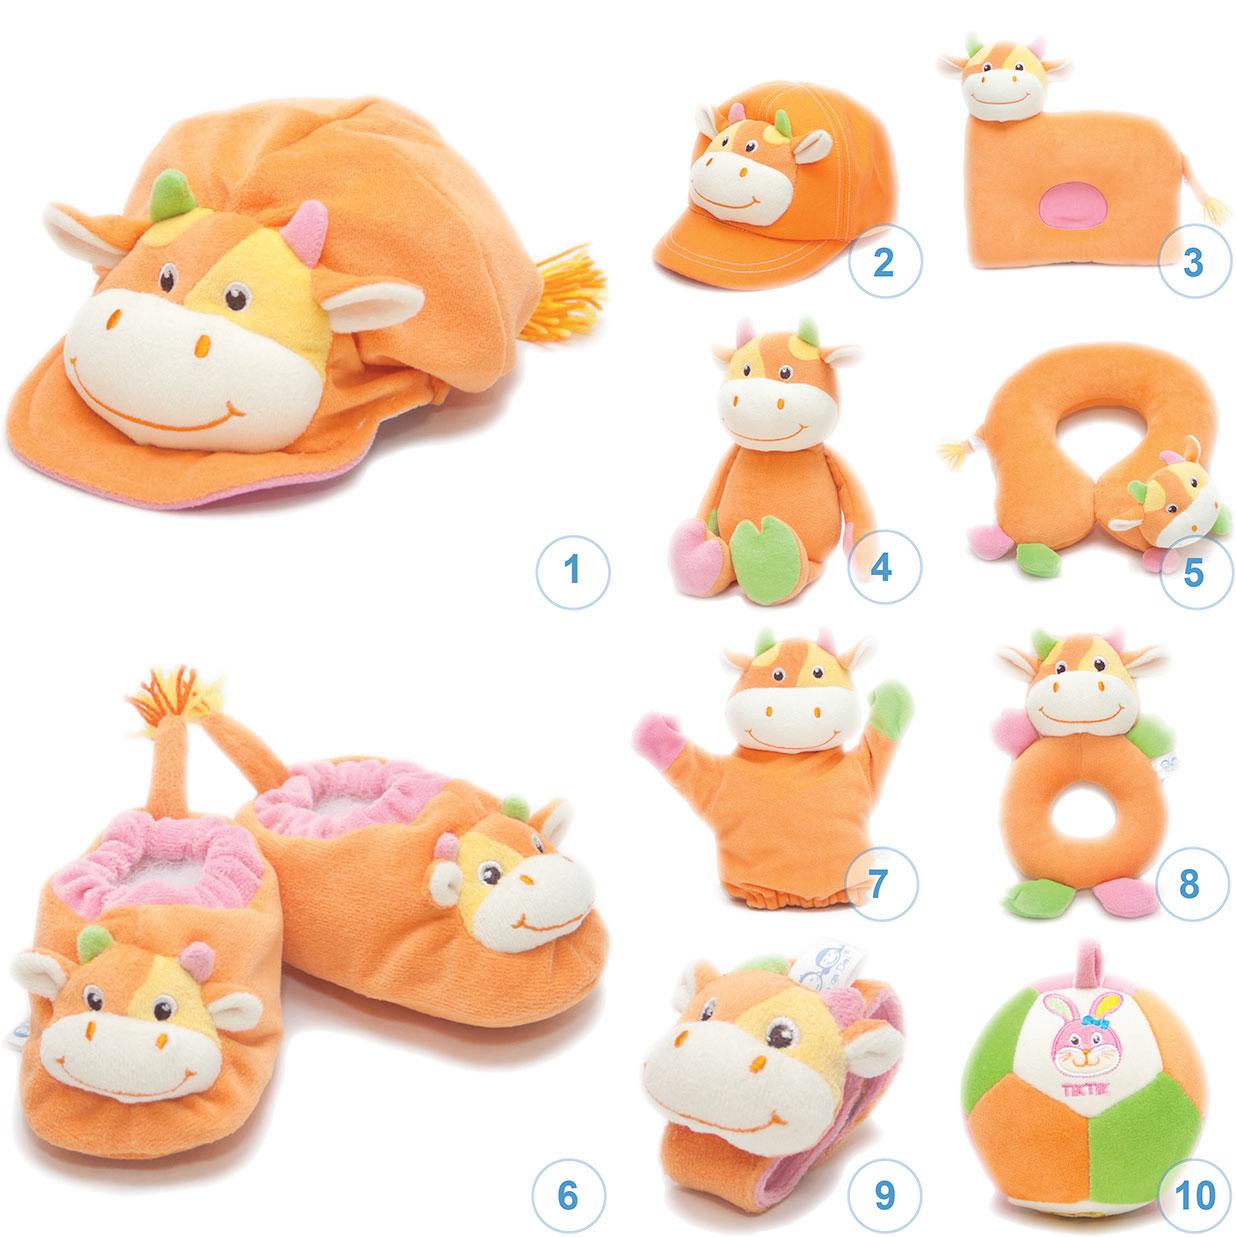 ของเล่นเสริมพัฒนาการ Gift set ชุดของขวัญ สำหรับเด็กอ่อน Set น้องวัว สีส้ม (ส่งฟรี)